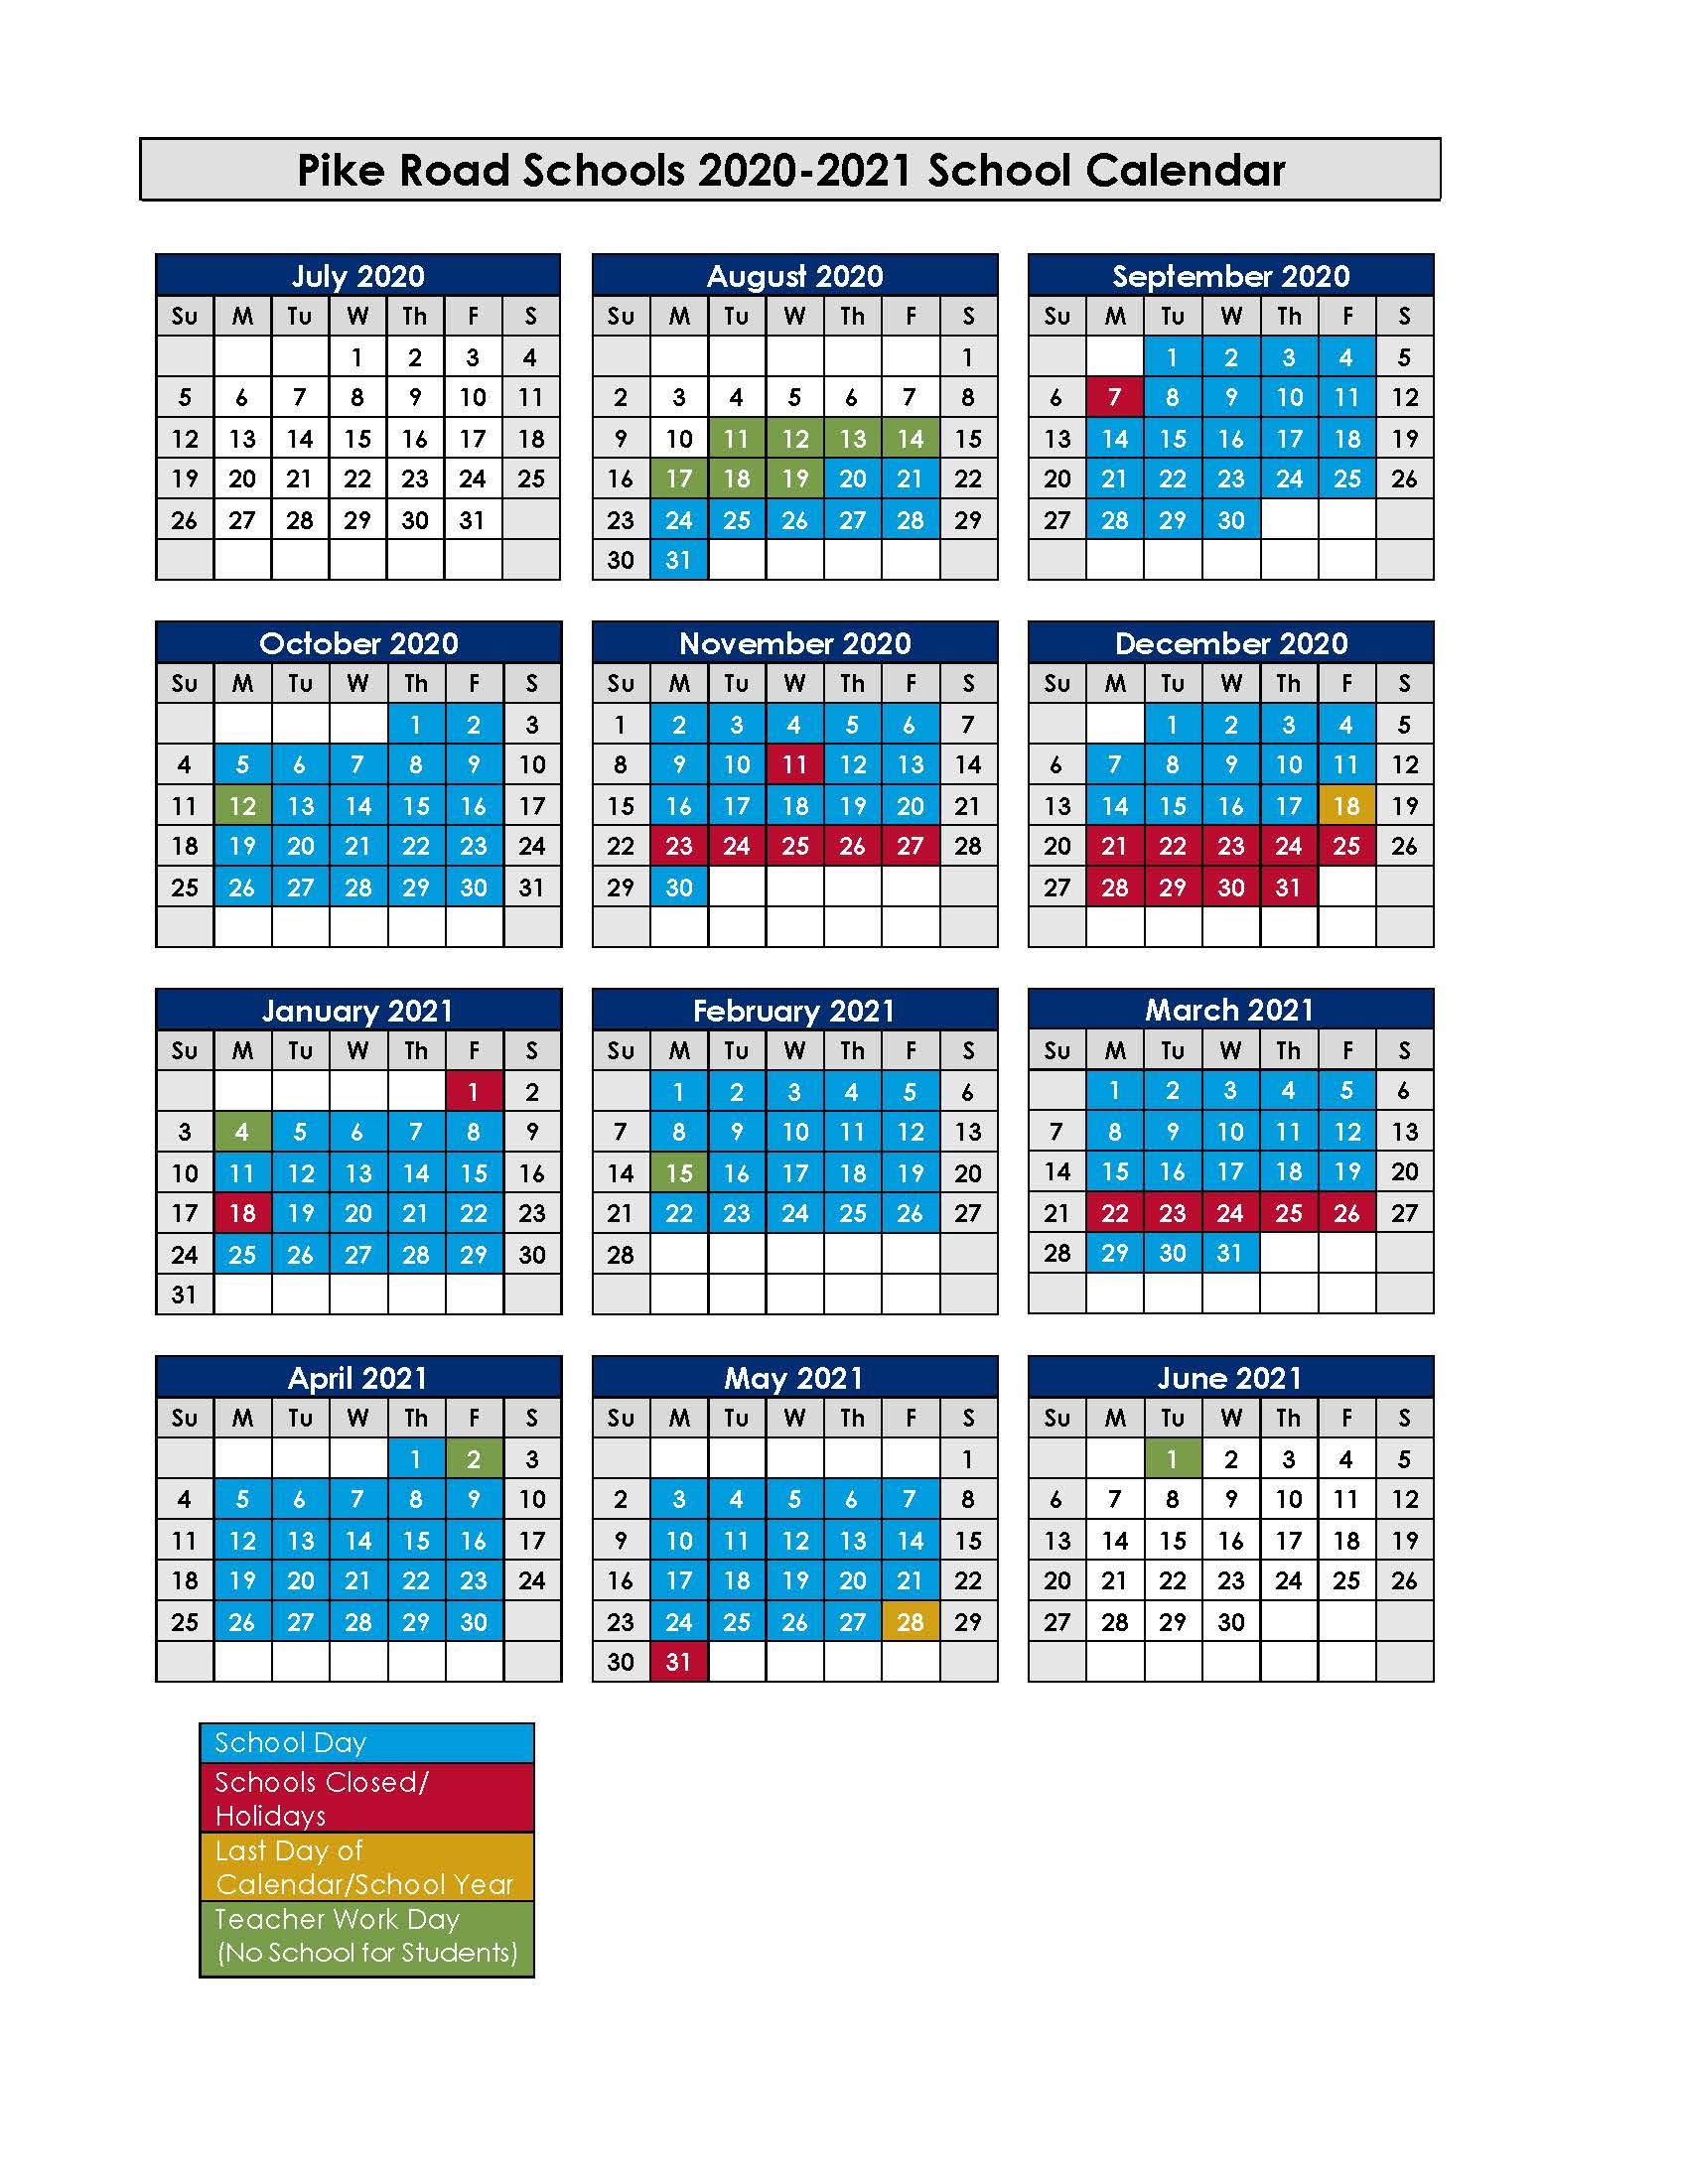 Calendar - Pike Road Schools